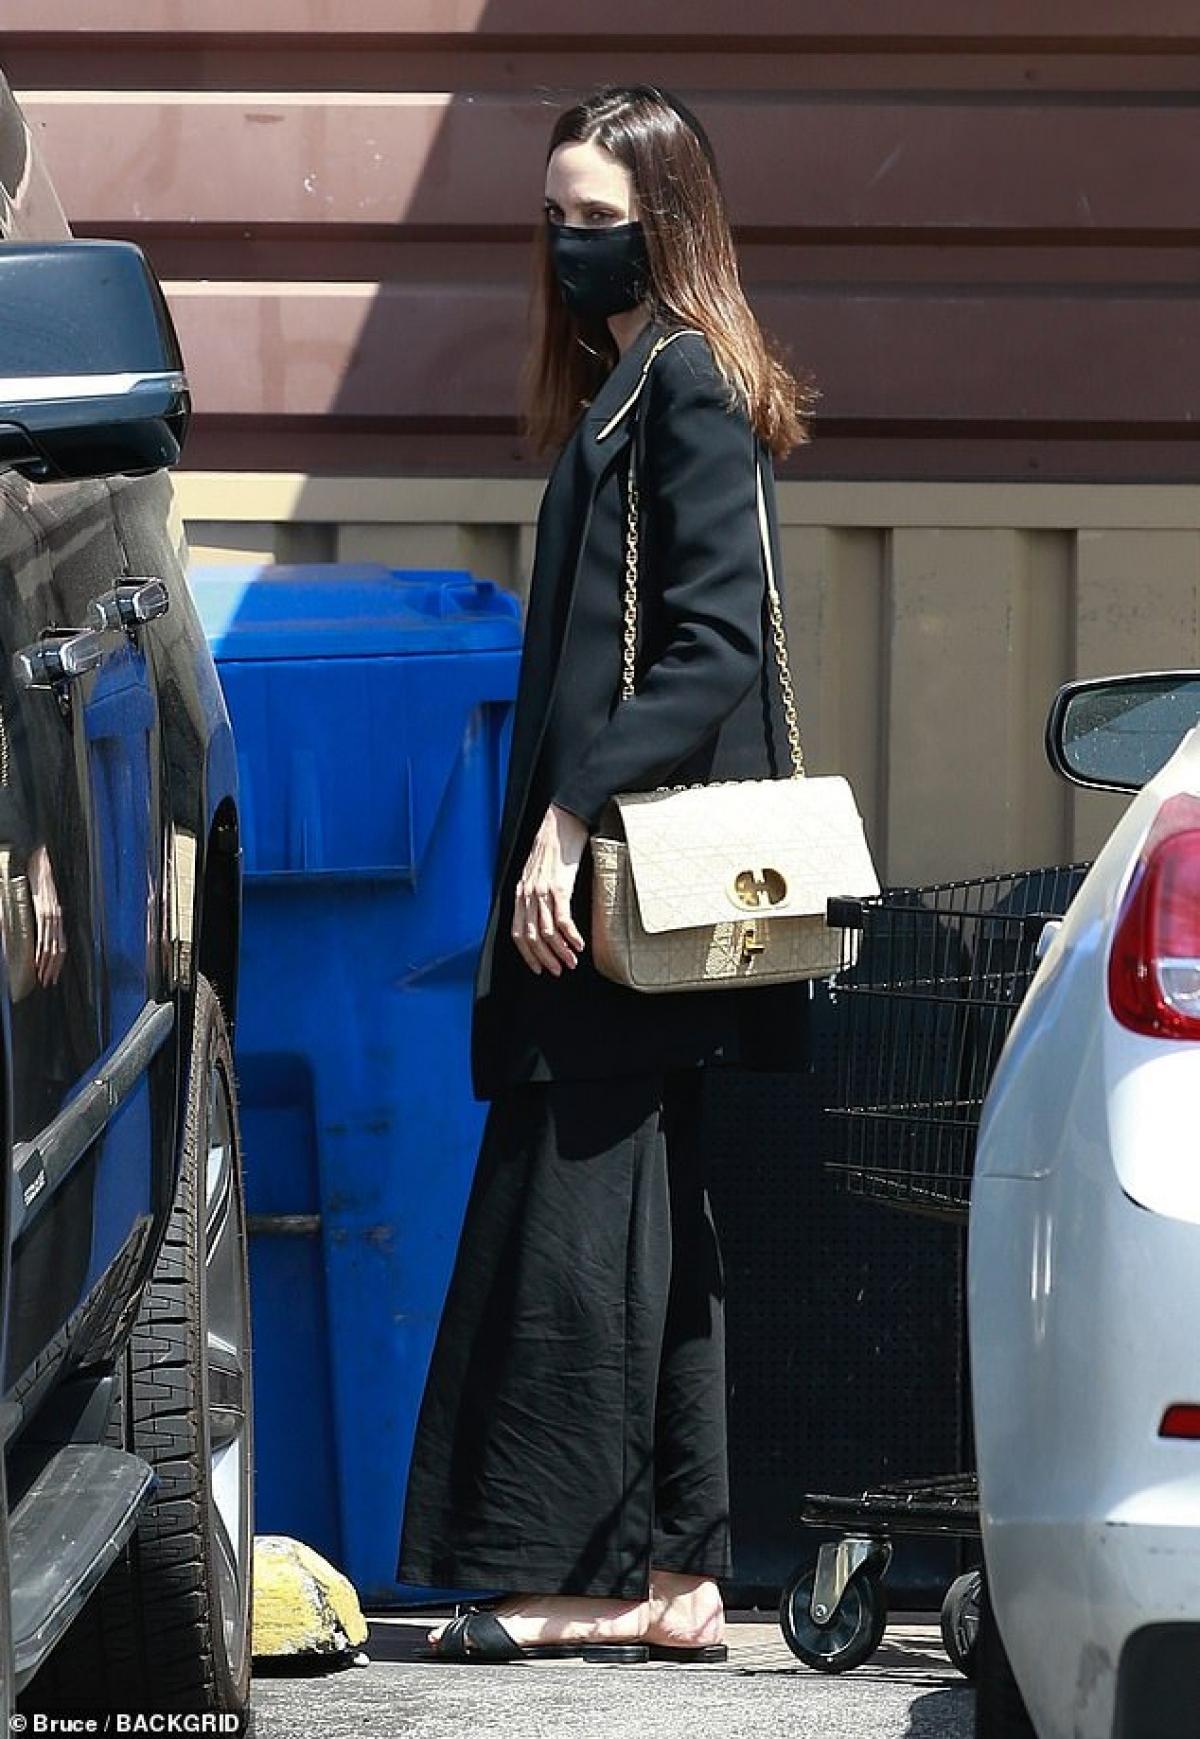 Tuy nhiên, điều đáng nói là, thái độ của cô né tránh mọi ống kính trong thời điểm Brad Pitt vừa lộ loạt hình ảnh phải ngồi xe lăn trong bệnh viện.